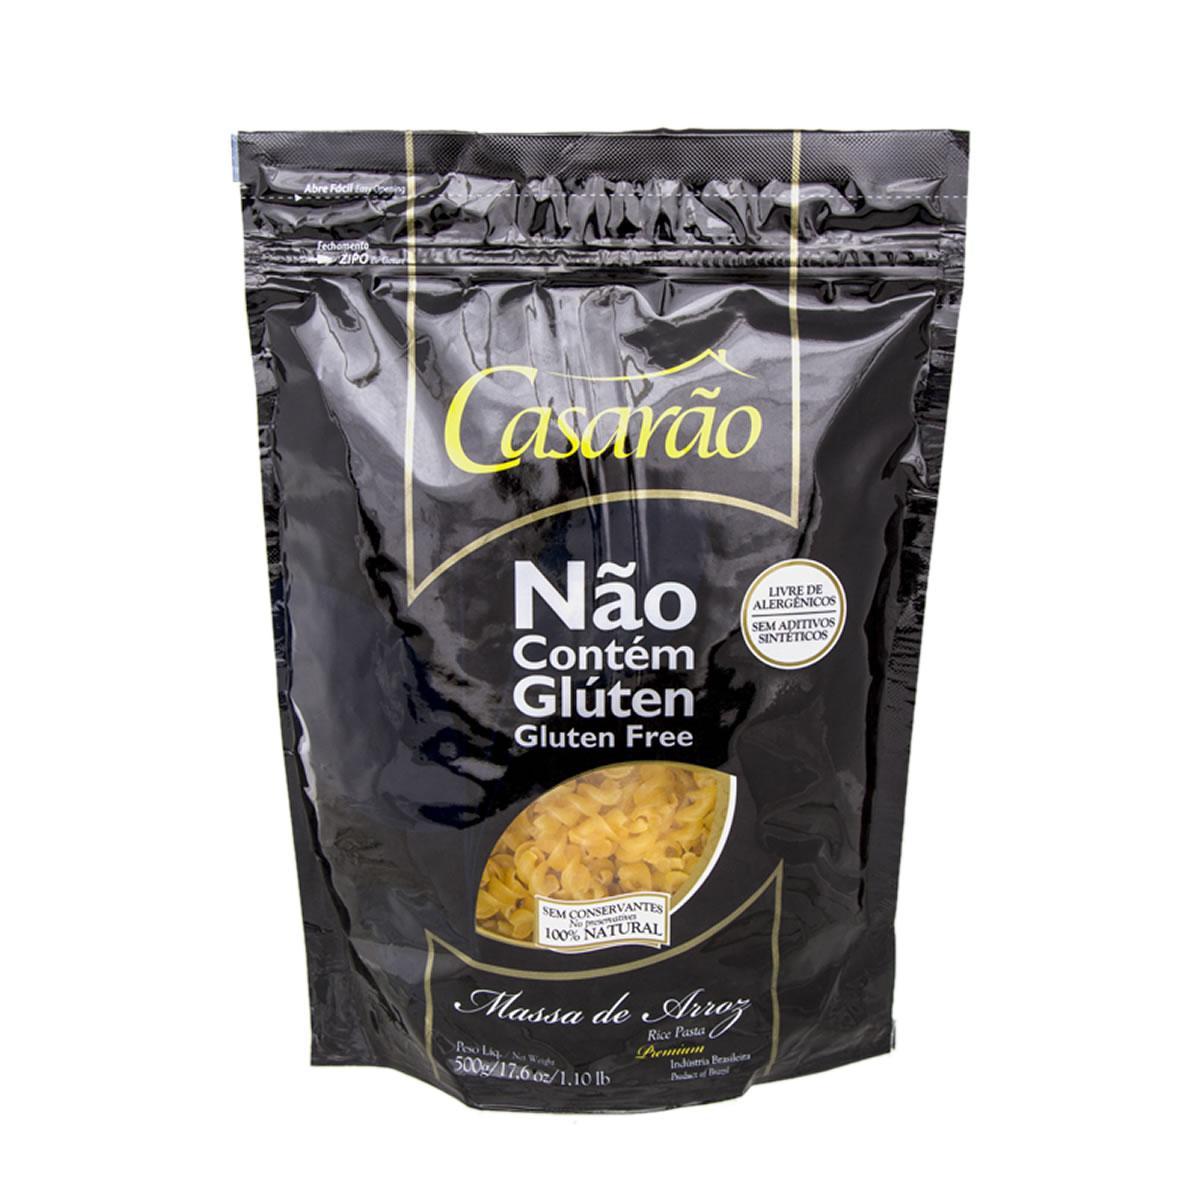 Macarrão de Arroz Fusilli Premium 500g - Casarão